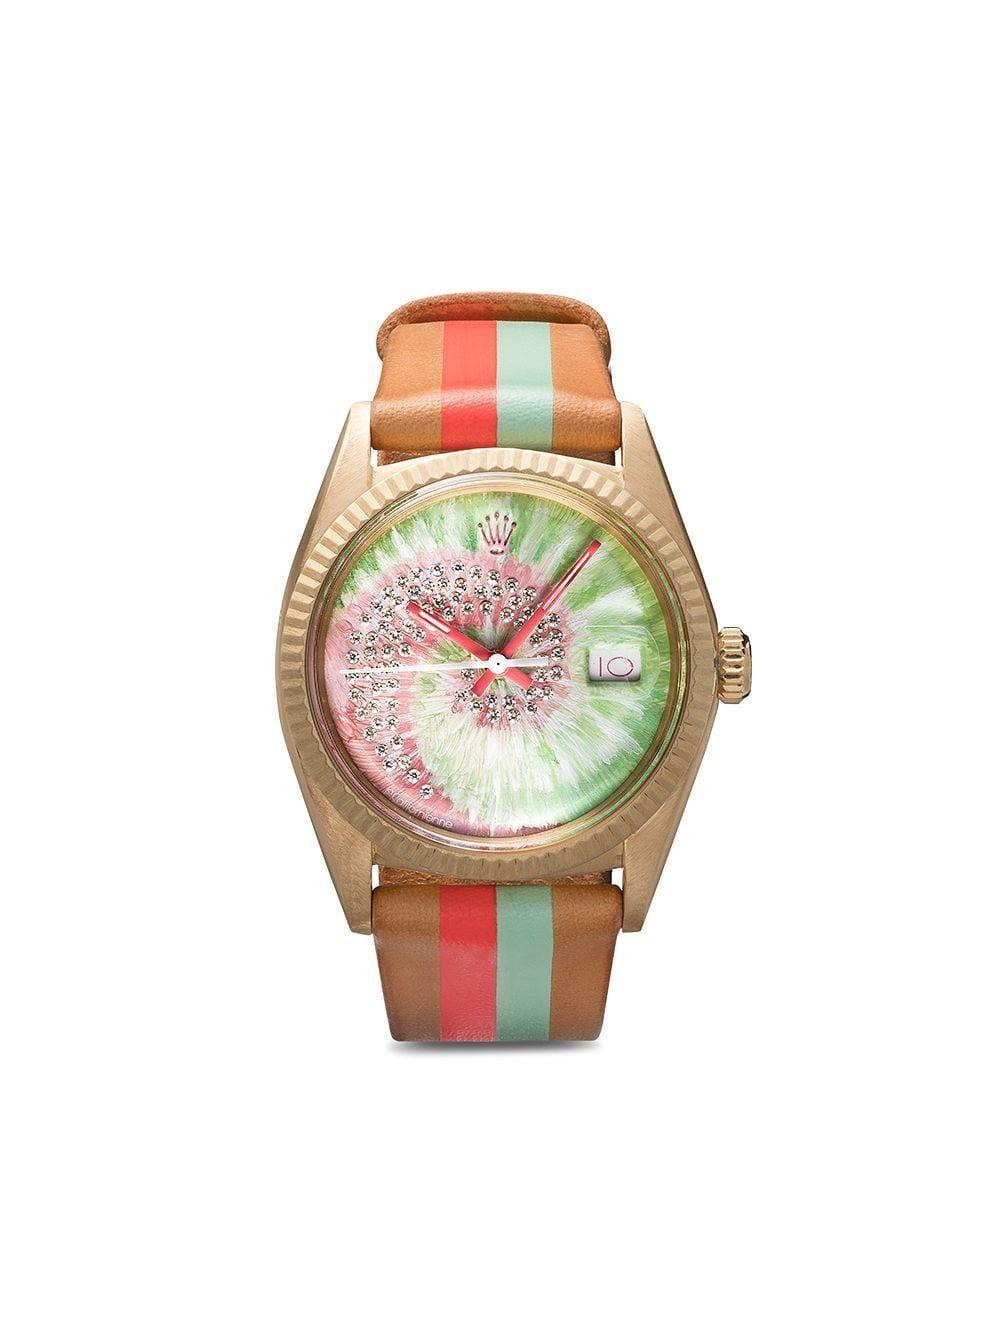 Rolex Sky Dweller Rolex Rolex Diamond Watch Rolex Diamond Rolex Watches